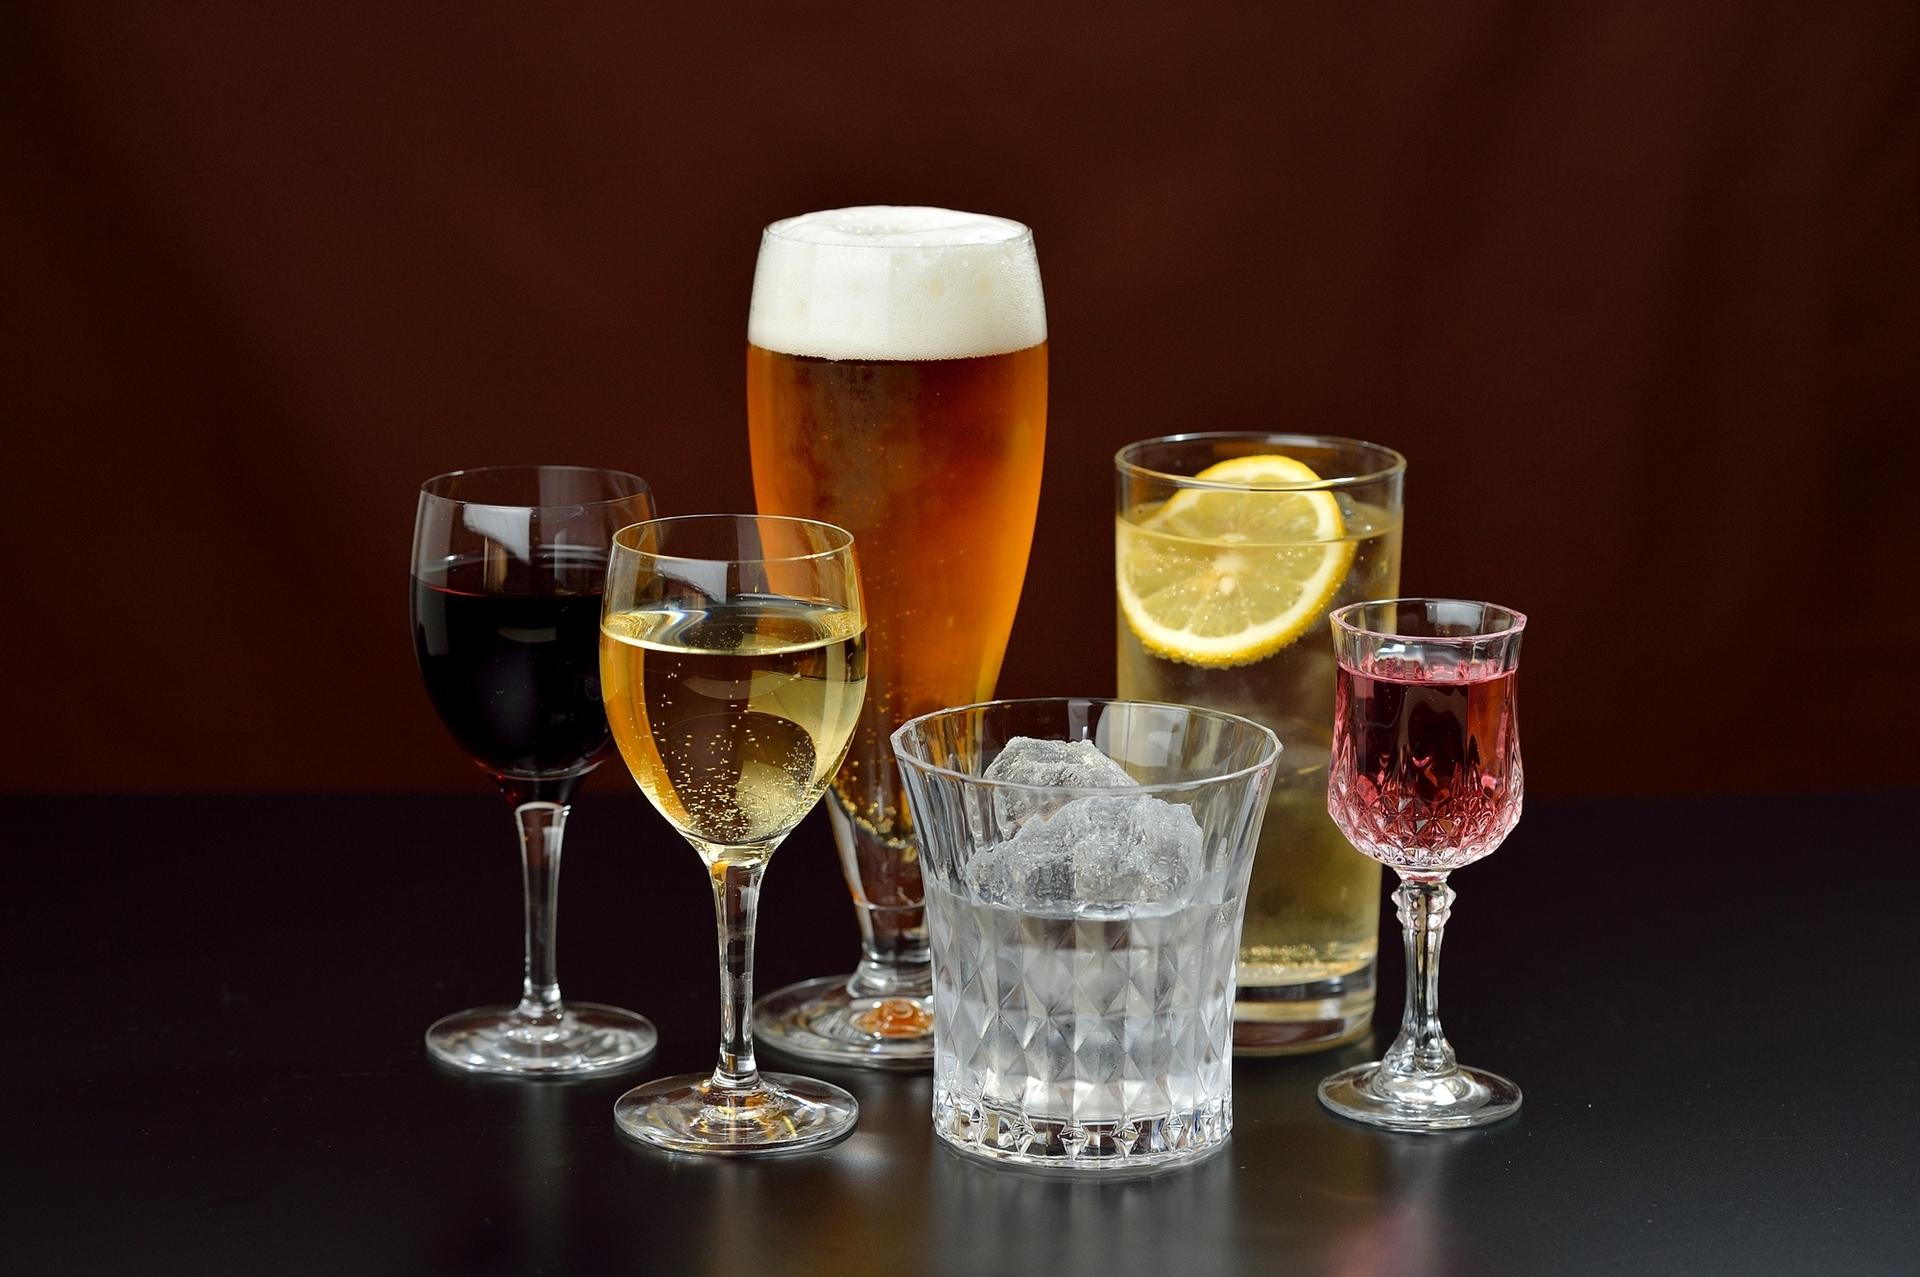 日本酒はワインと同じ醸造酒。蒸留酒や、その他のお酒との違いについても紹介